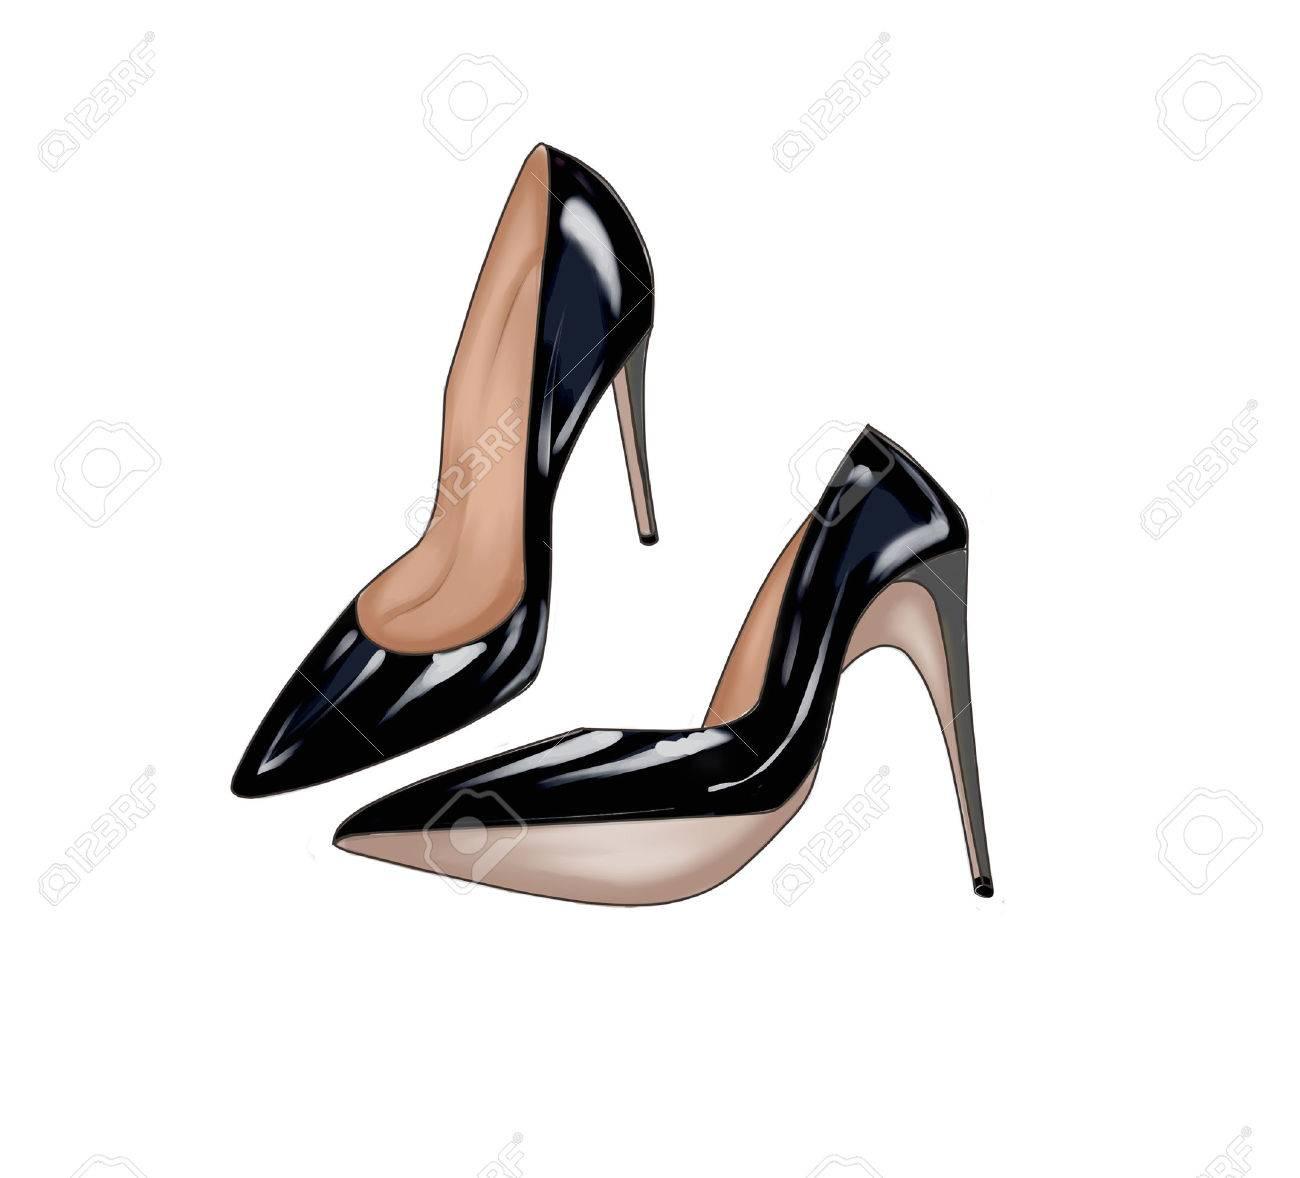 Black Stiletto Shoes Stock Photo